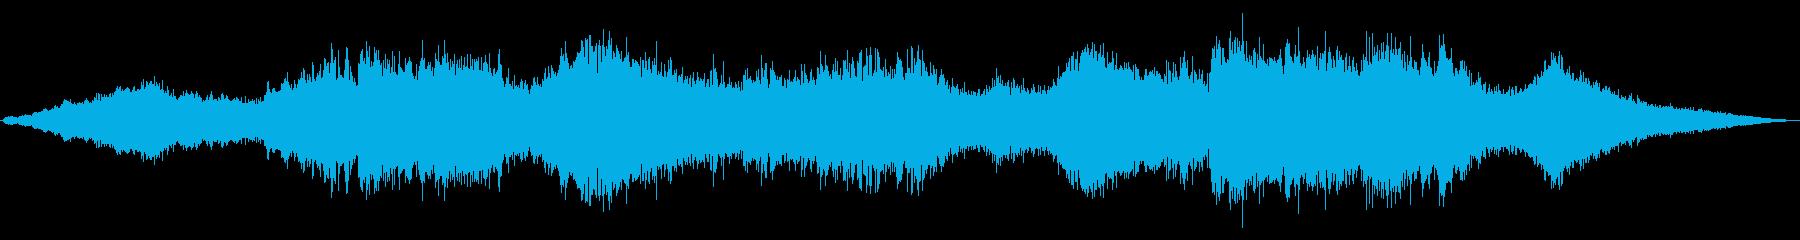 緩やかな上昇ピッチのメタルシフトヘ...の再生済みの波形